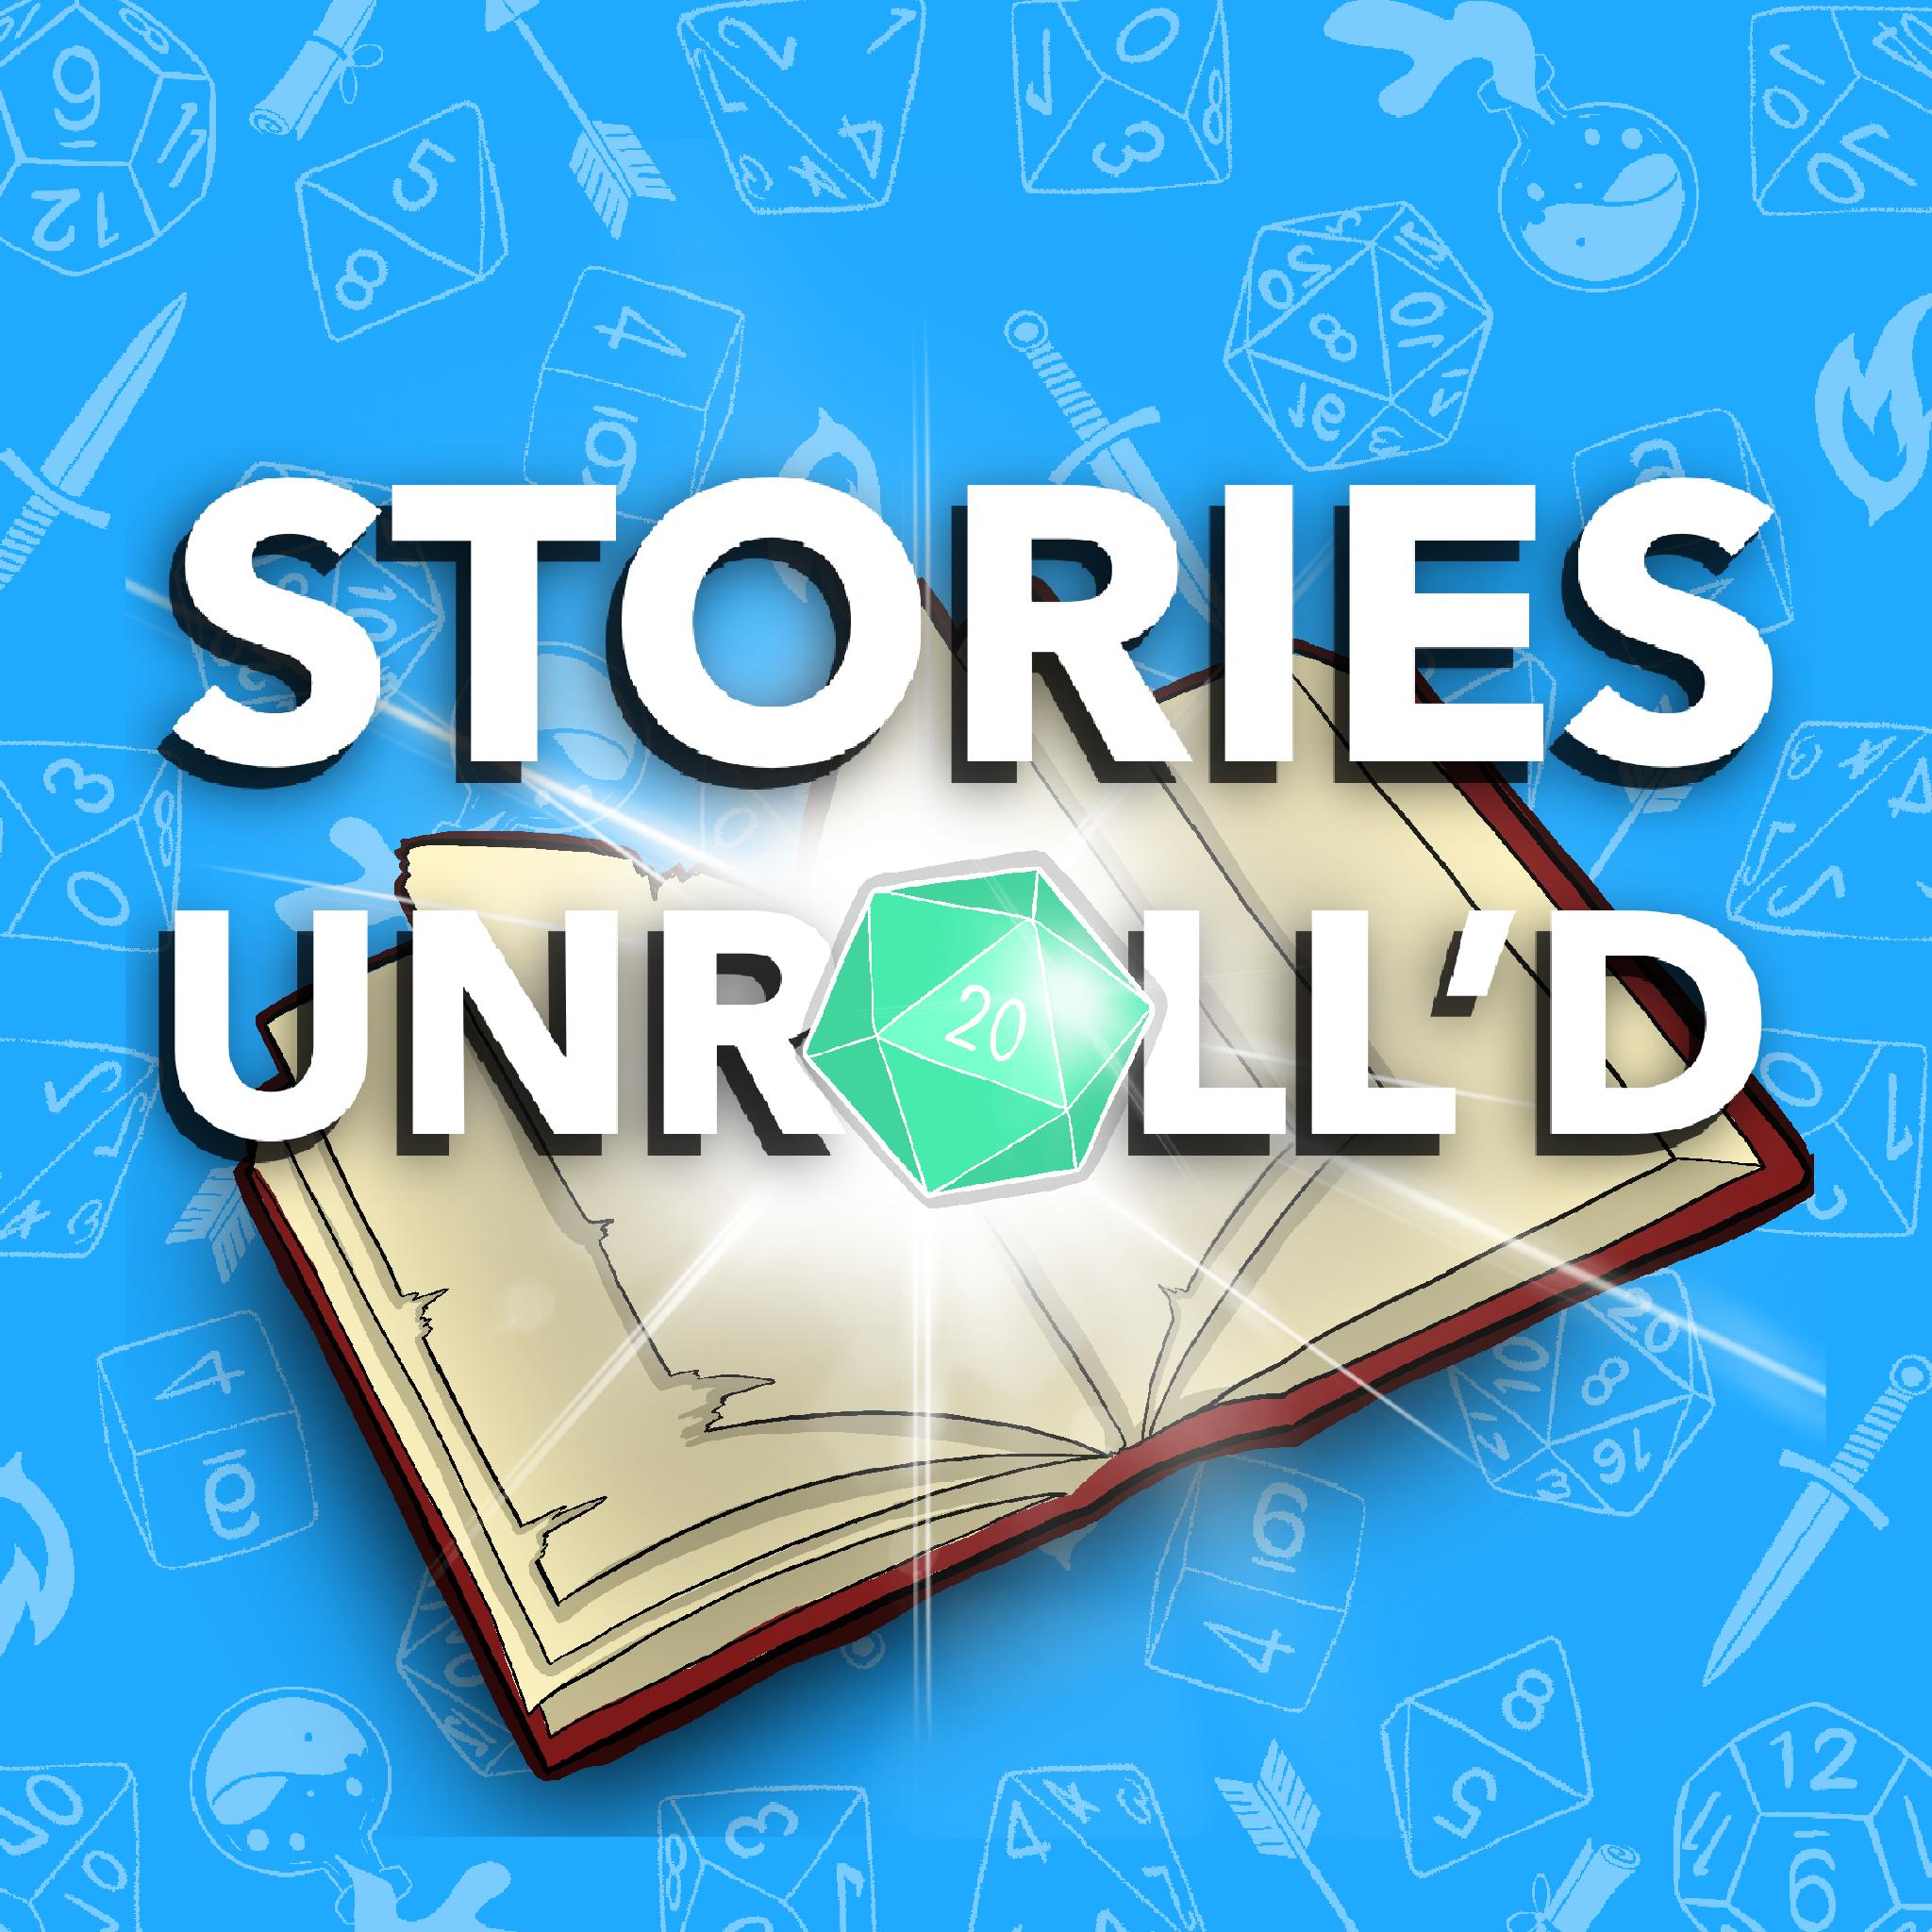 Stories Unroll'd